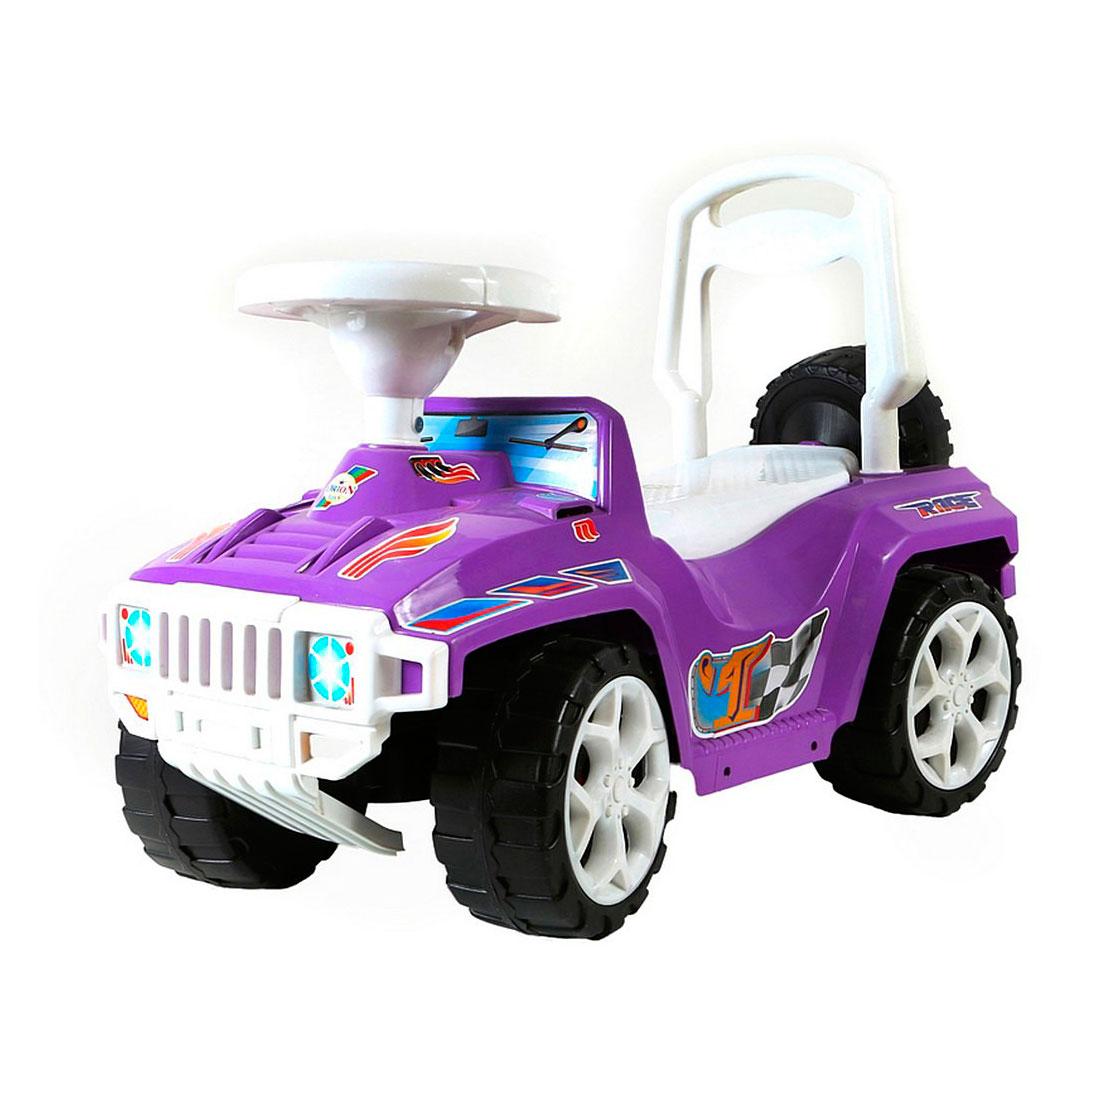 Каталка RT Race Mini ОР419 Formula 1 Фиолетовая